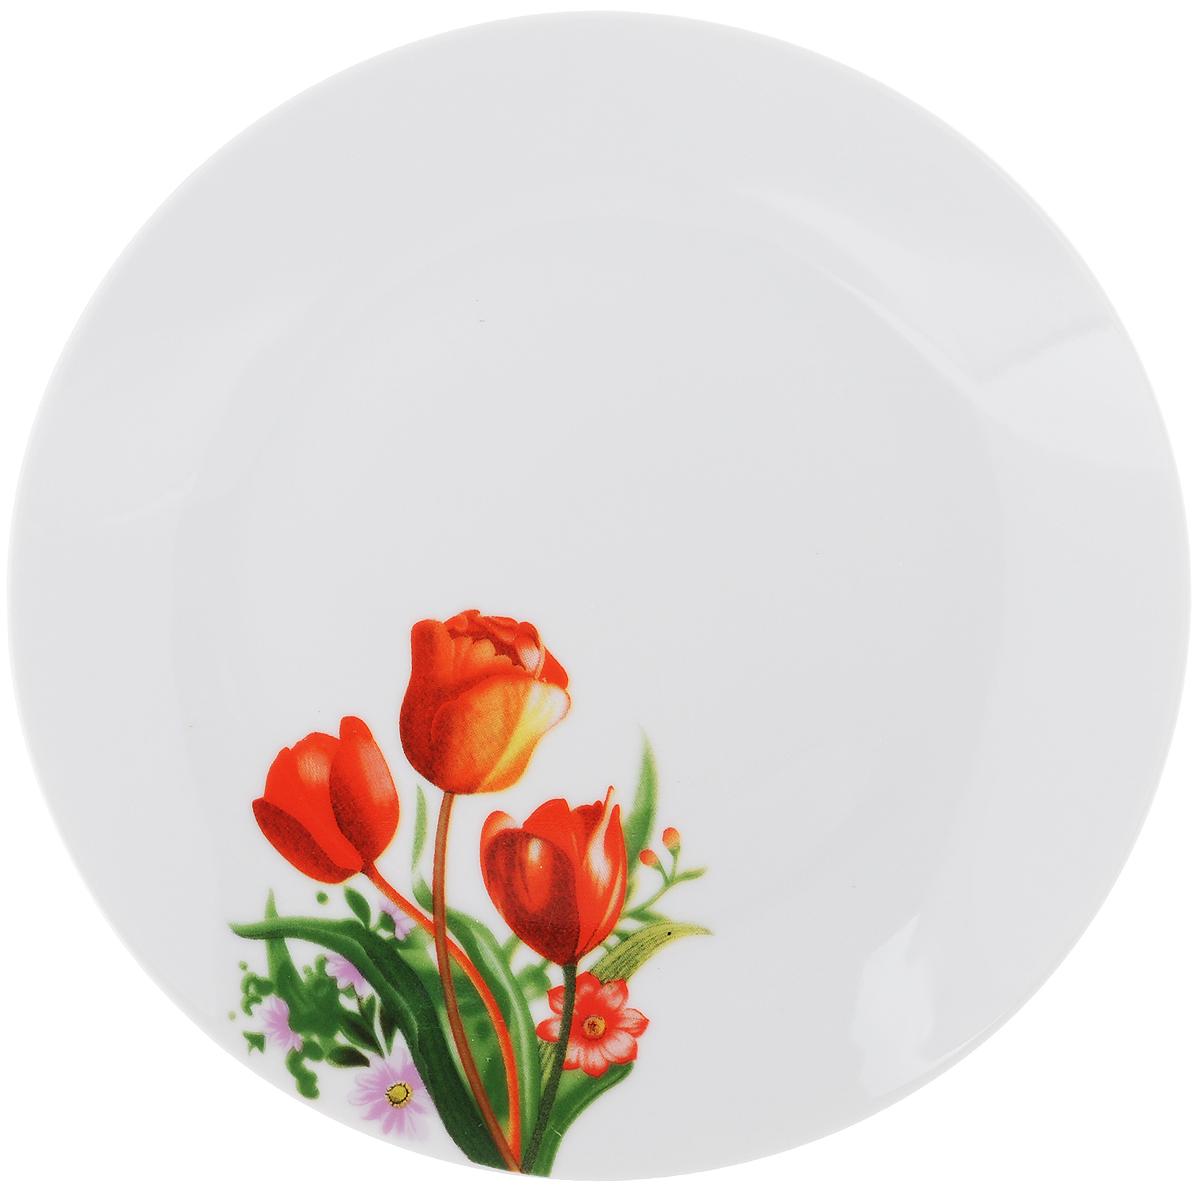 Тарелка десертная Тюльпаны, диаметр 20 см836468Десертная тарелка Доляна Тюльпаны изготовлена из высококачественной керамики и имеет изысканный внешний вид. Такая тарелка прекрасно подходит как для торжественных случаев, так и для повседневного использования. Идеальна для подачи десертов, пирожных, тортов и многого другого. Она прекрасно оформит стол и станет отличным дополнением к вашей коллекции кухонной посуды. Диаметр тарелки (по верхнему краю): 20 см. Высота тарелки: 2 см.